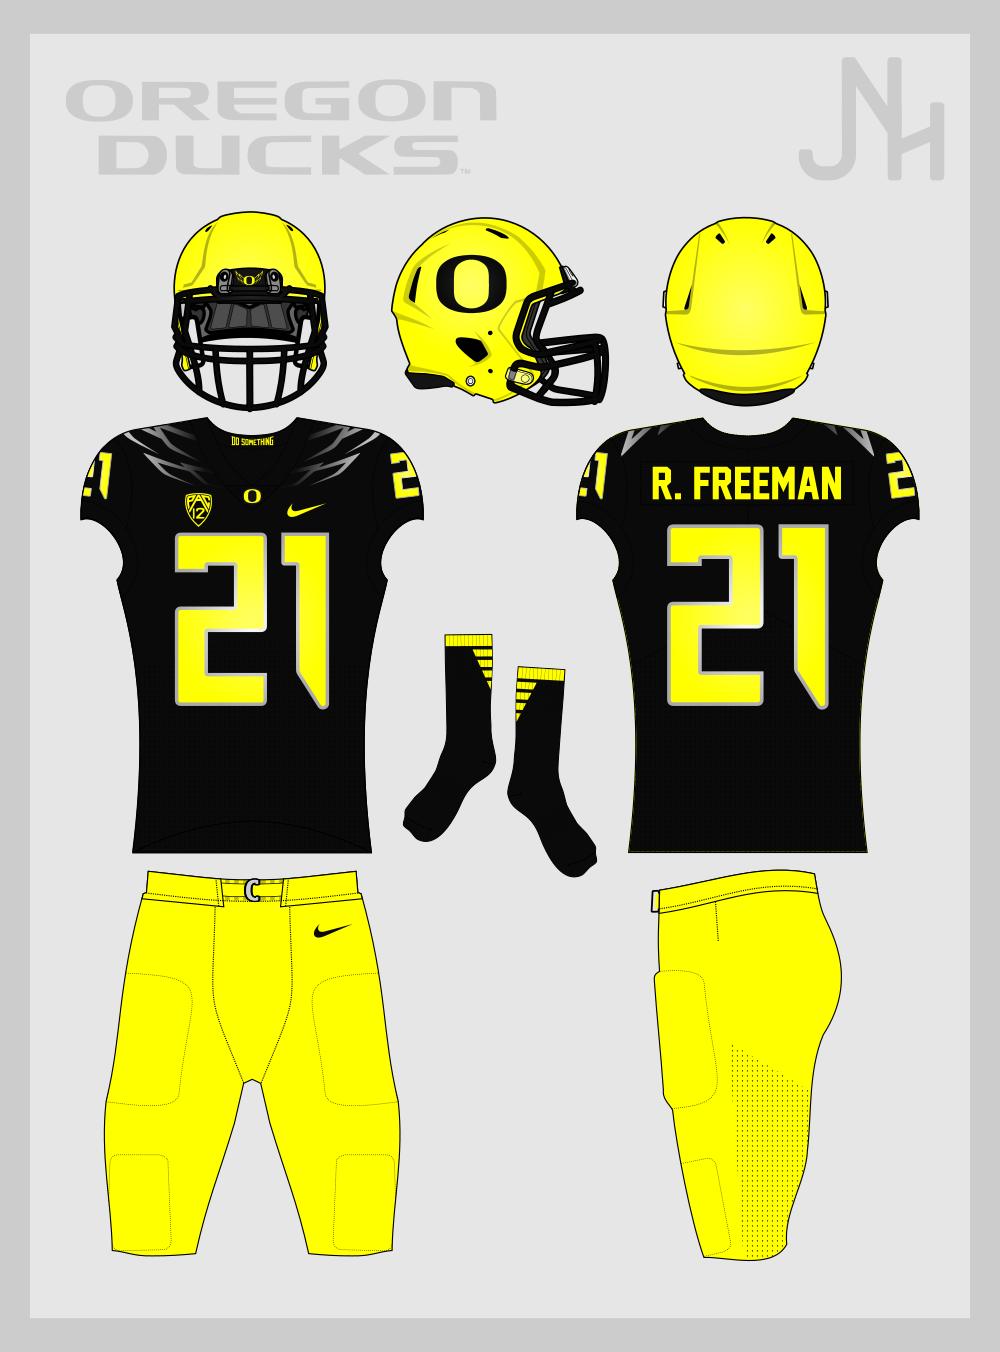 on sale 6e94e 576ef Oregon Ducks Football 2017 - Concepts - Chris Creamer's ...